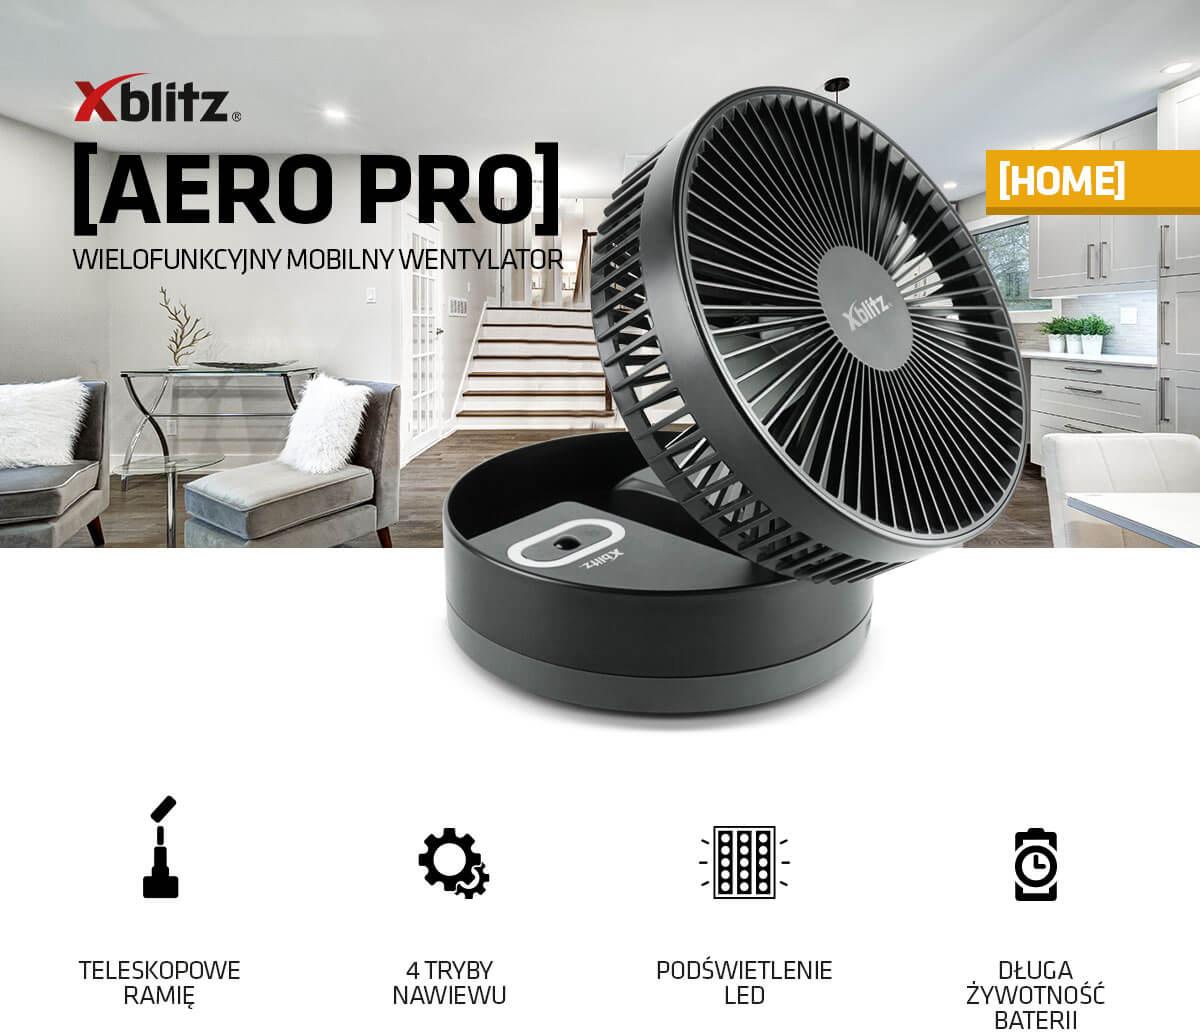 Wielofunkcyjny mobilny wentylator Xblitz Areo Pro